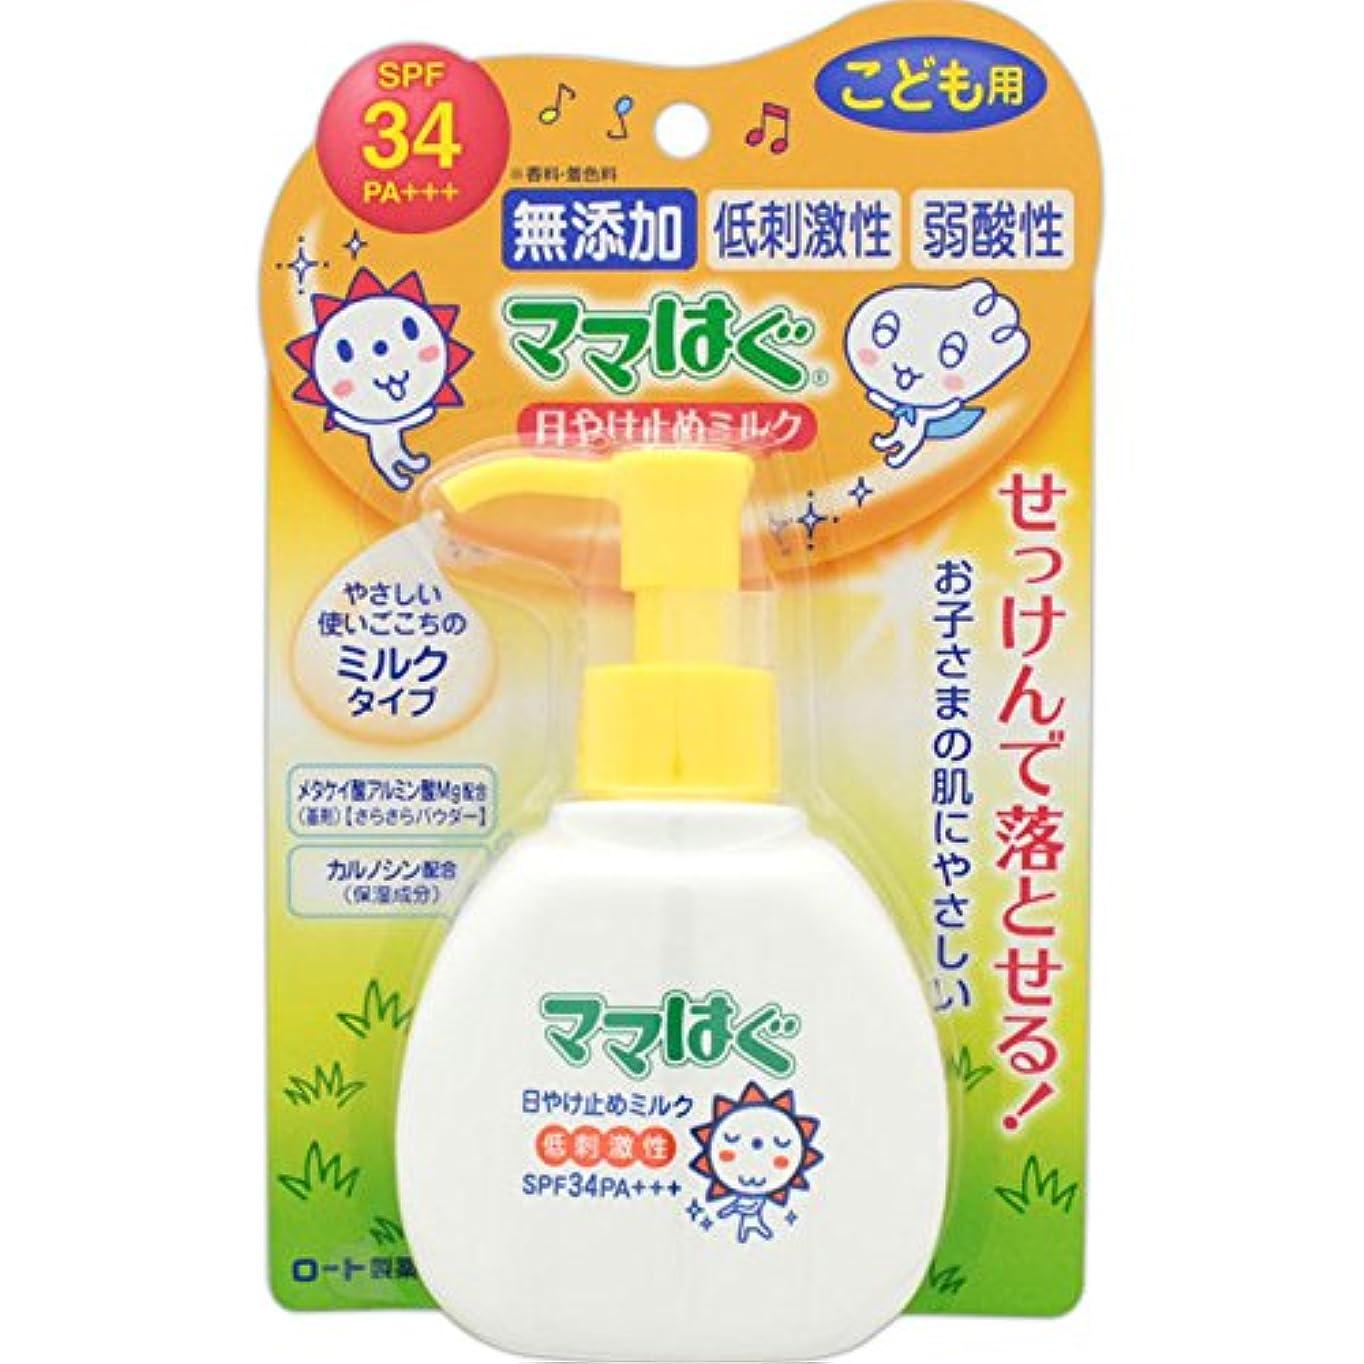 マークセグメント柔らかいロート製薬 ママはぐ 無添加 低刺激性日やけ止めミルク SPF34 PA+++ 100g